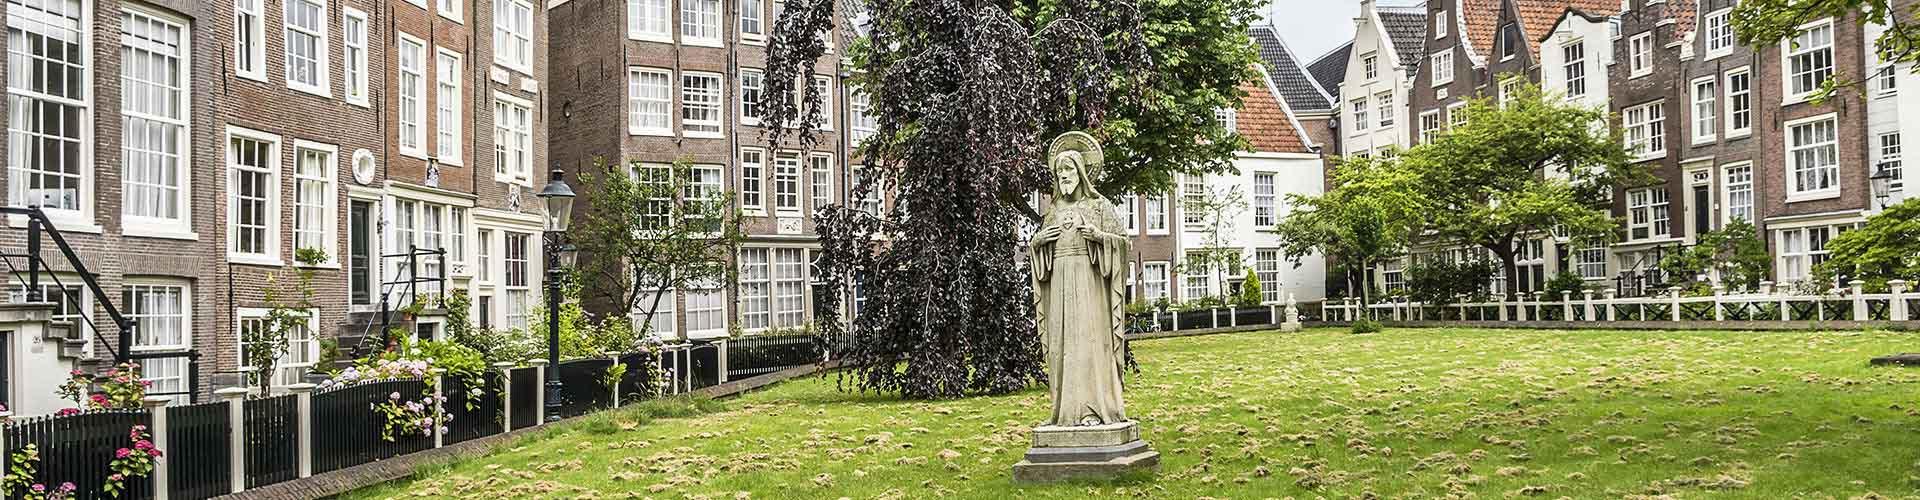 Amsterdam - Chambres près de Béguinage. Cartes pour Amsterdam, photos et commentaires pour chaque chambre à Amsterdam.